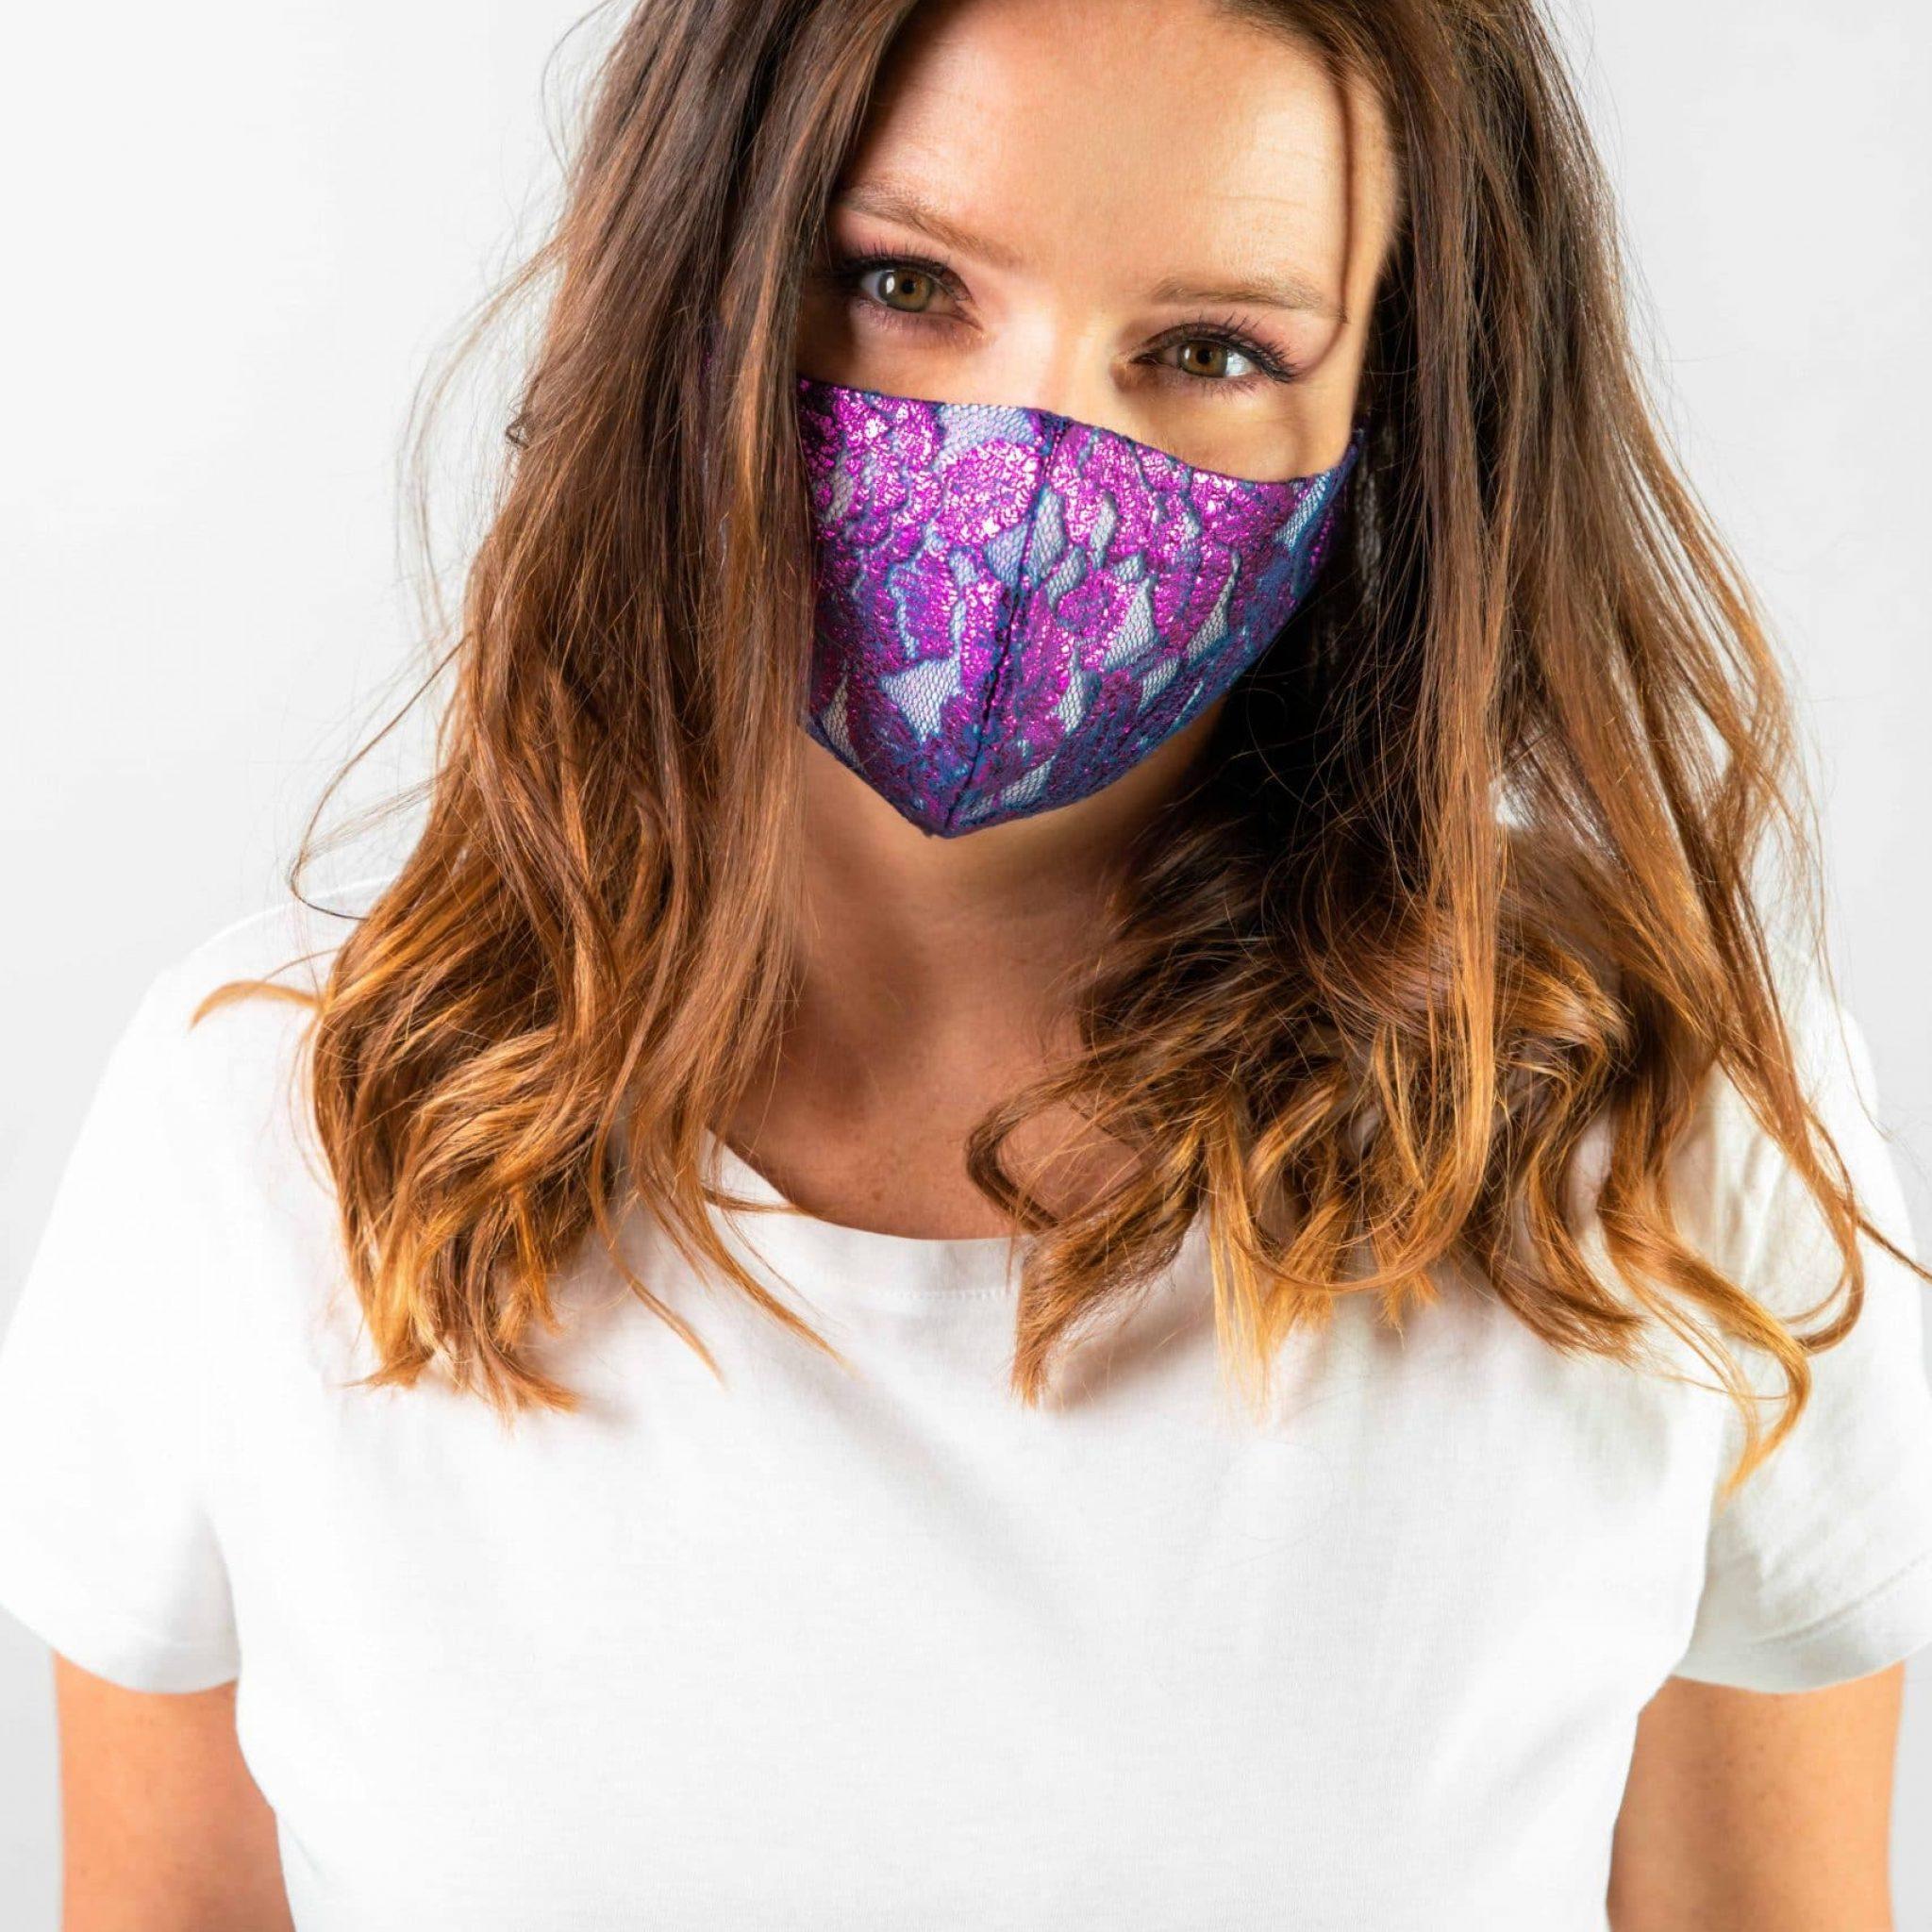 Studioaufnahme einer Frau mit edlen spitzen Maske vor weißem Hintergrund, Smile for Change Maske, My Blossom, Produktfotografie, WINGMEN Media